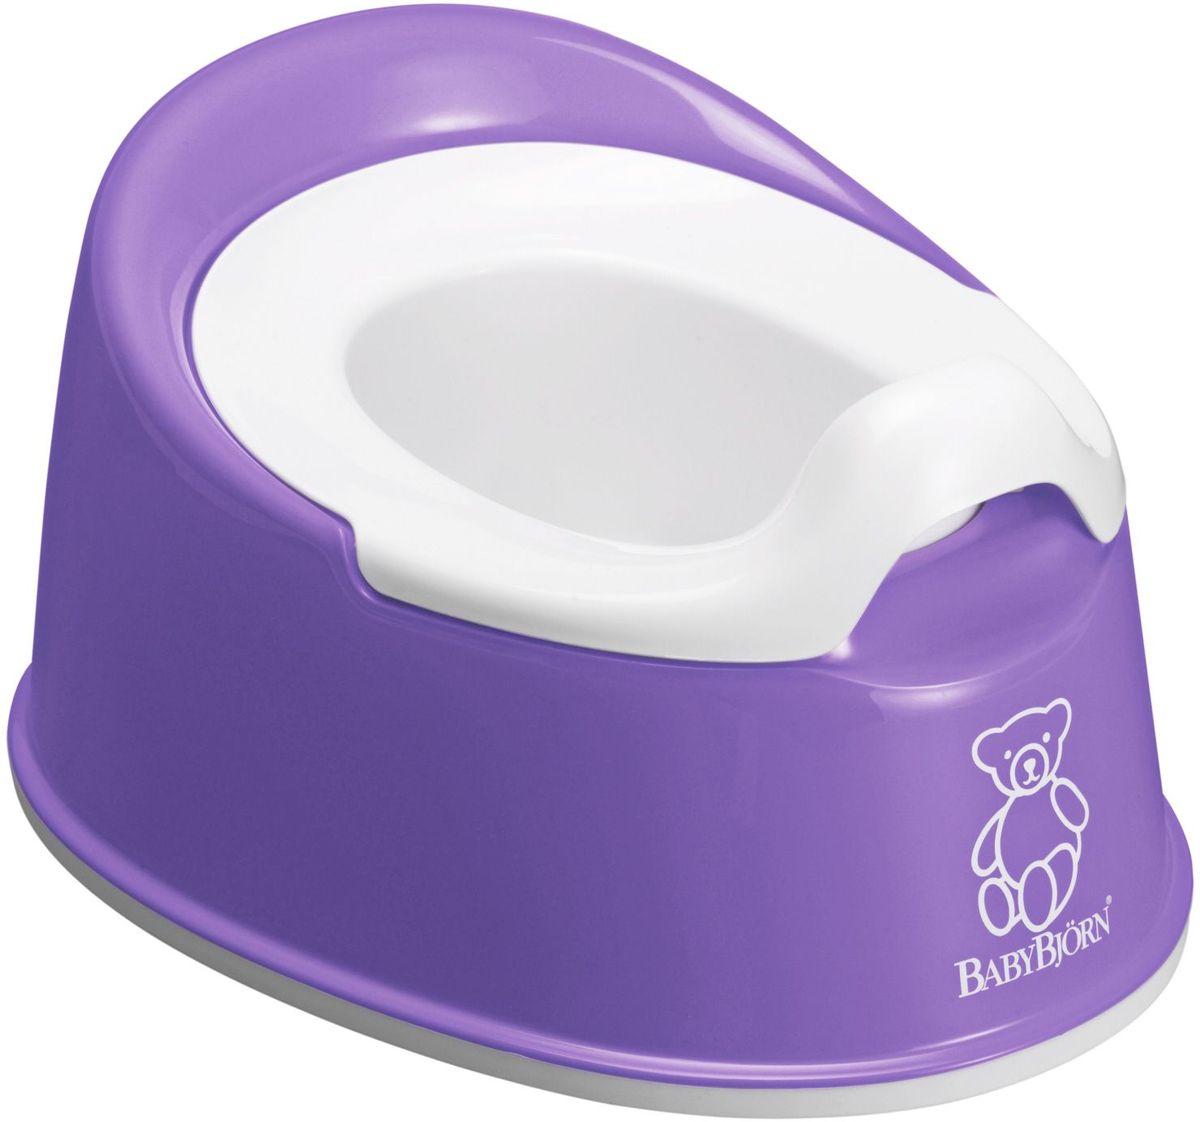 BABYBJORN Smart Горшок отличается эргономическим дизайном и мягкими линиями, благодаря чему ребенку приятно и удобно им пользоваться. BABYBJORN Smart Горшок являет собой превосходное сочетание функциональности и удобства и идеально подходит для небольшой ванной комнаты. Он занимает мало места и его легко брать с собой. Действенная защита от брызг полностью предотвращает разбрызгивание. Внутренняя часть горшка легко вынимается, удобно мыть. Как и все наши пластмассовые изделия, он сделан из пластмассы, поддающейся утилизации и не содержащей ПВХ. В пластмассовых изделиях BABYBJORN не содержится бисфенол А (BPA). Размеры: 25,5 x 33 x 16,5 cm